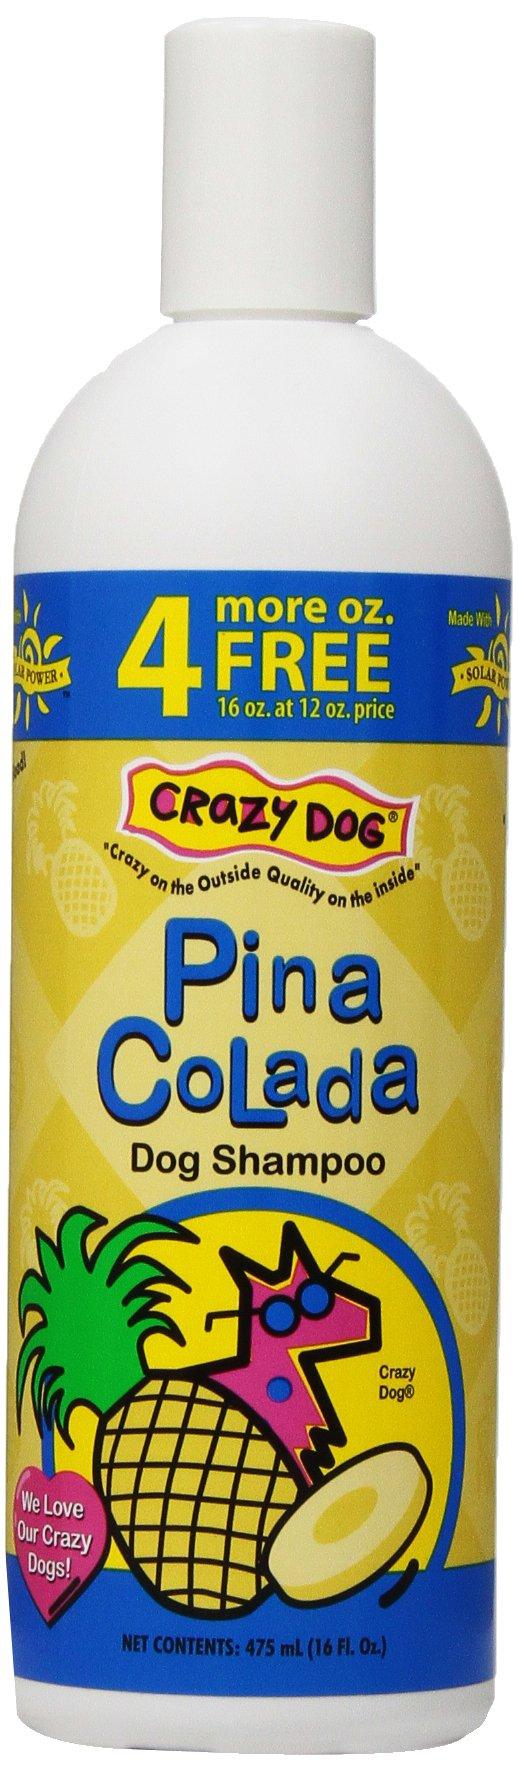 Crazy Dog Pina Colada Shampoo for Dogs, 16-Ounce